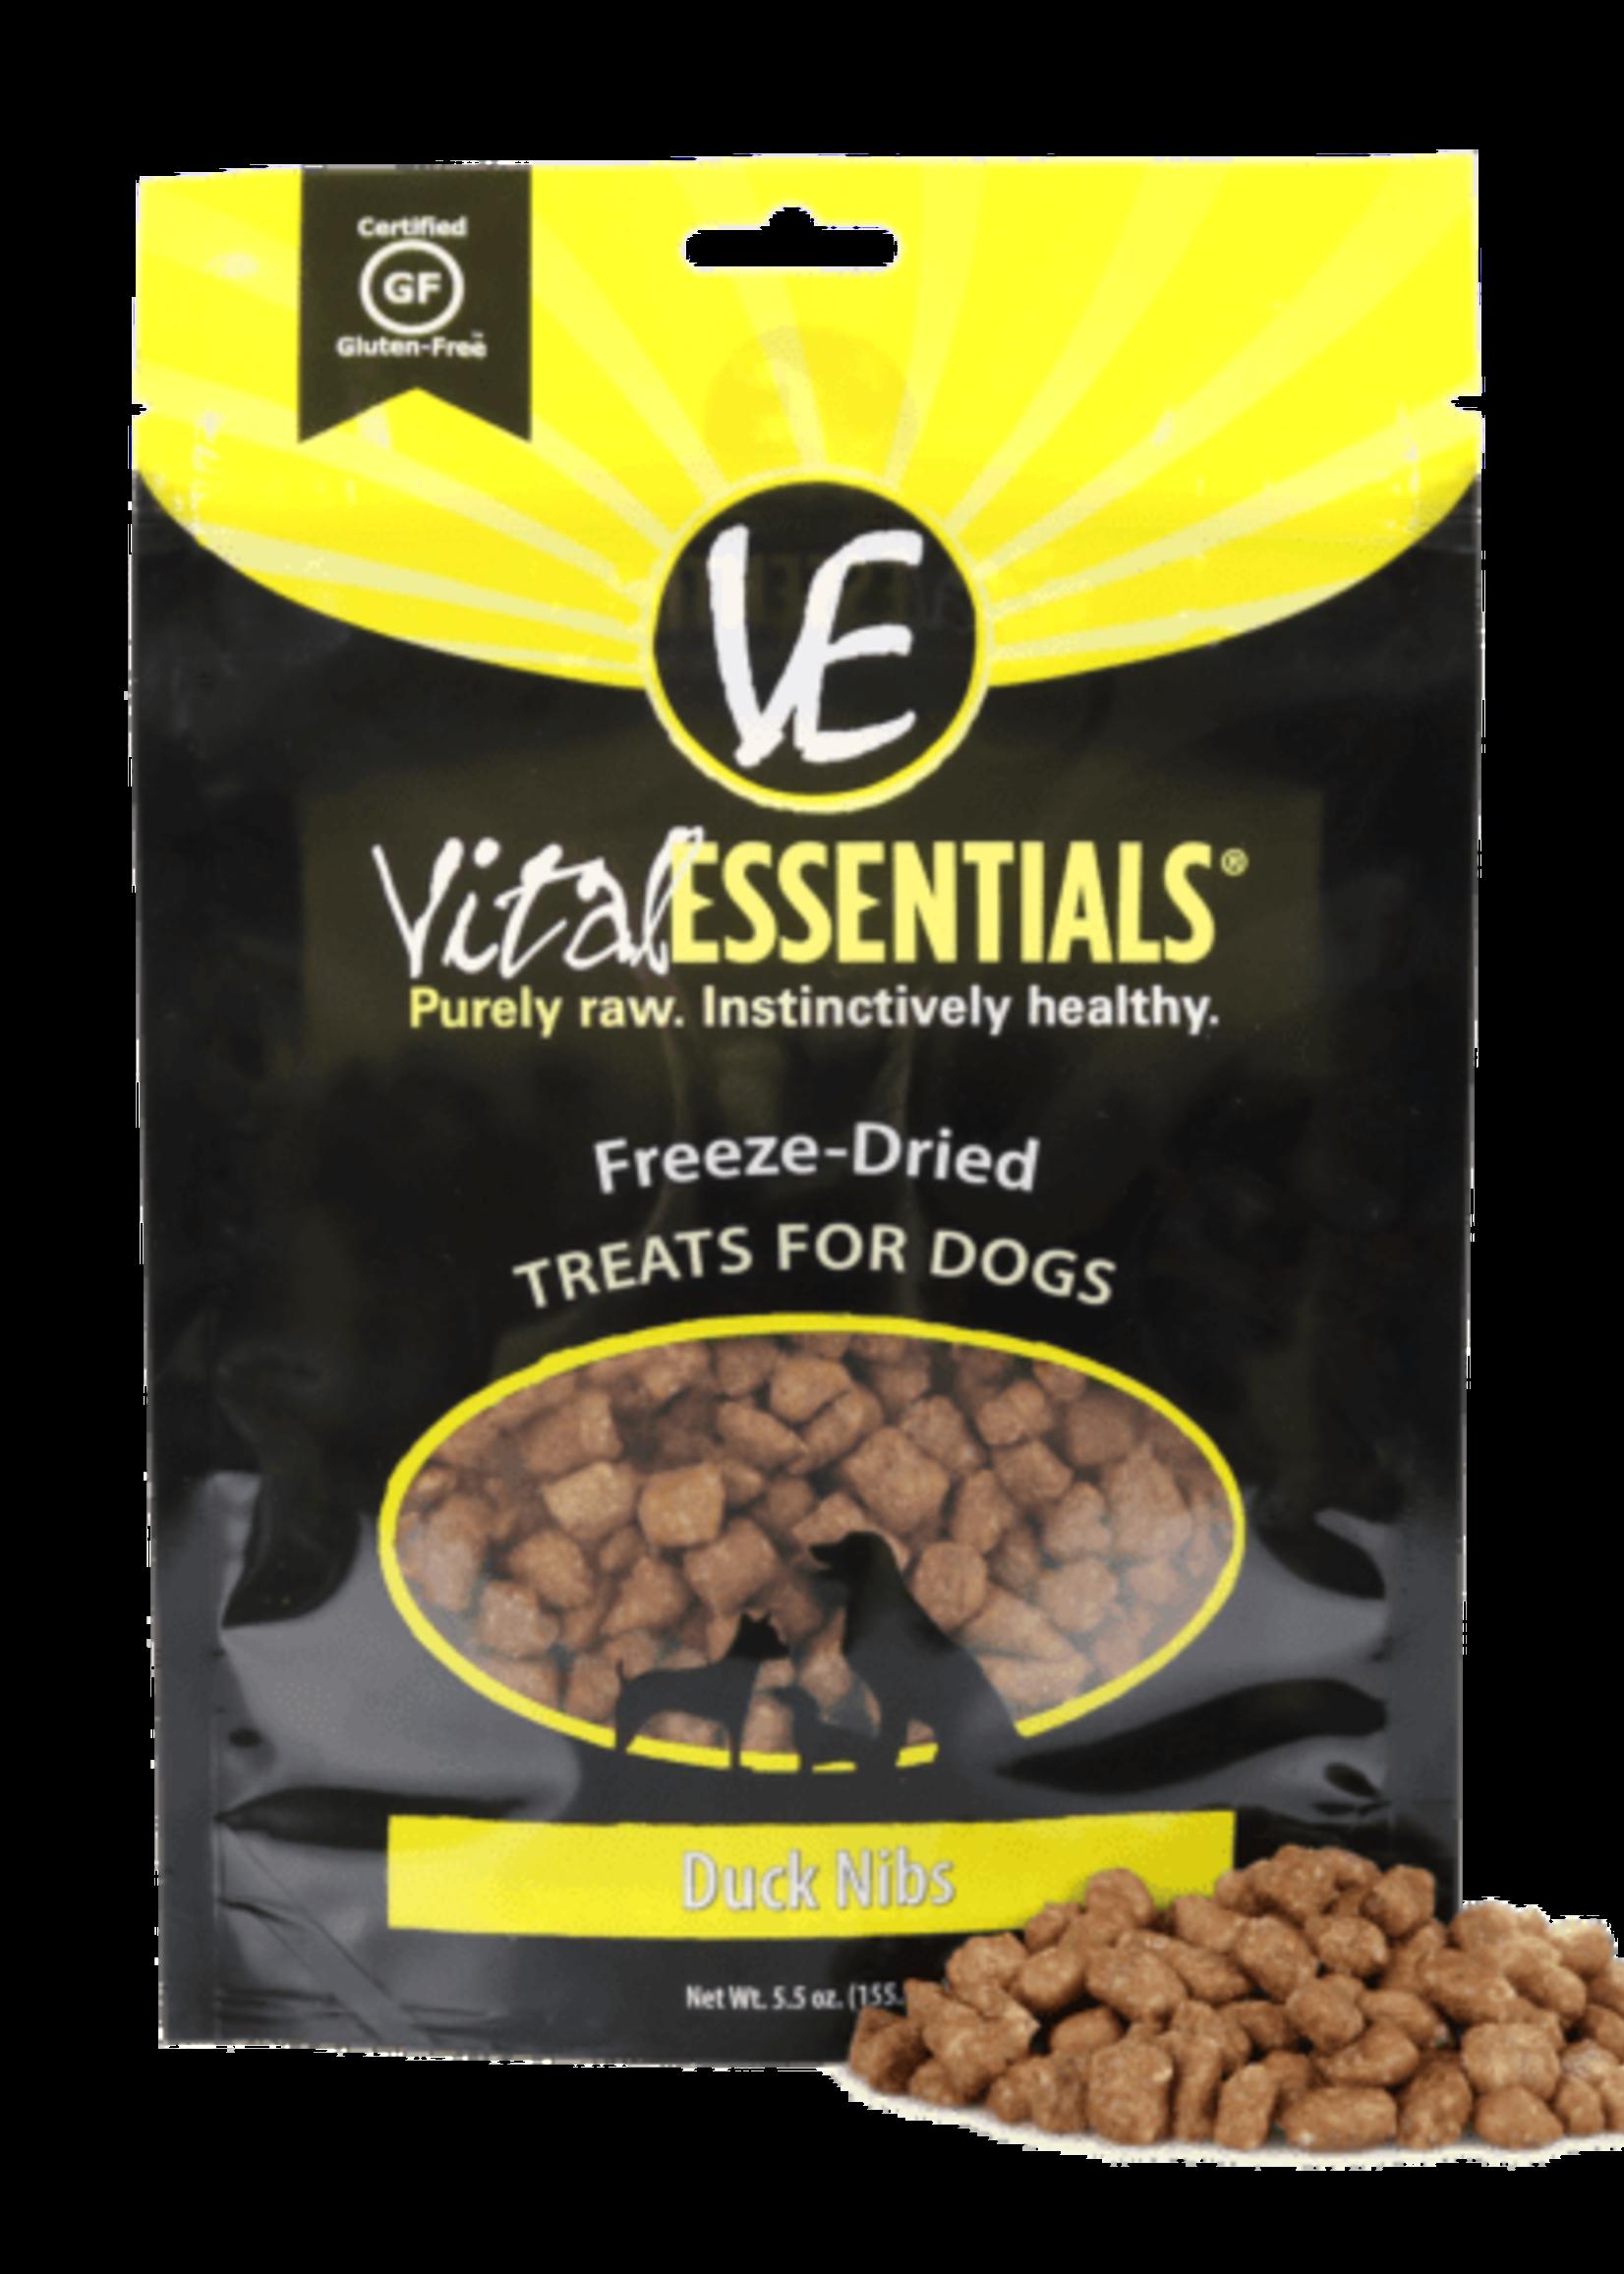 Vital Essentials Vital Essentials Freeze Dried Duck Nibs 5.5 oz